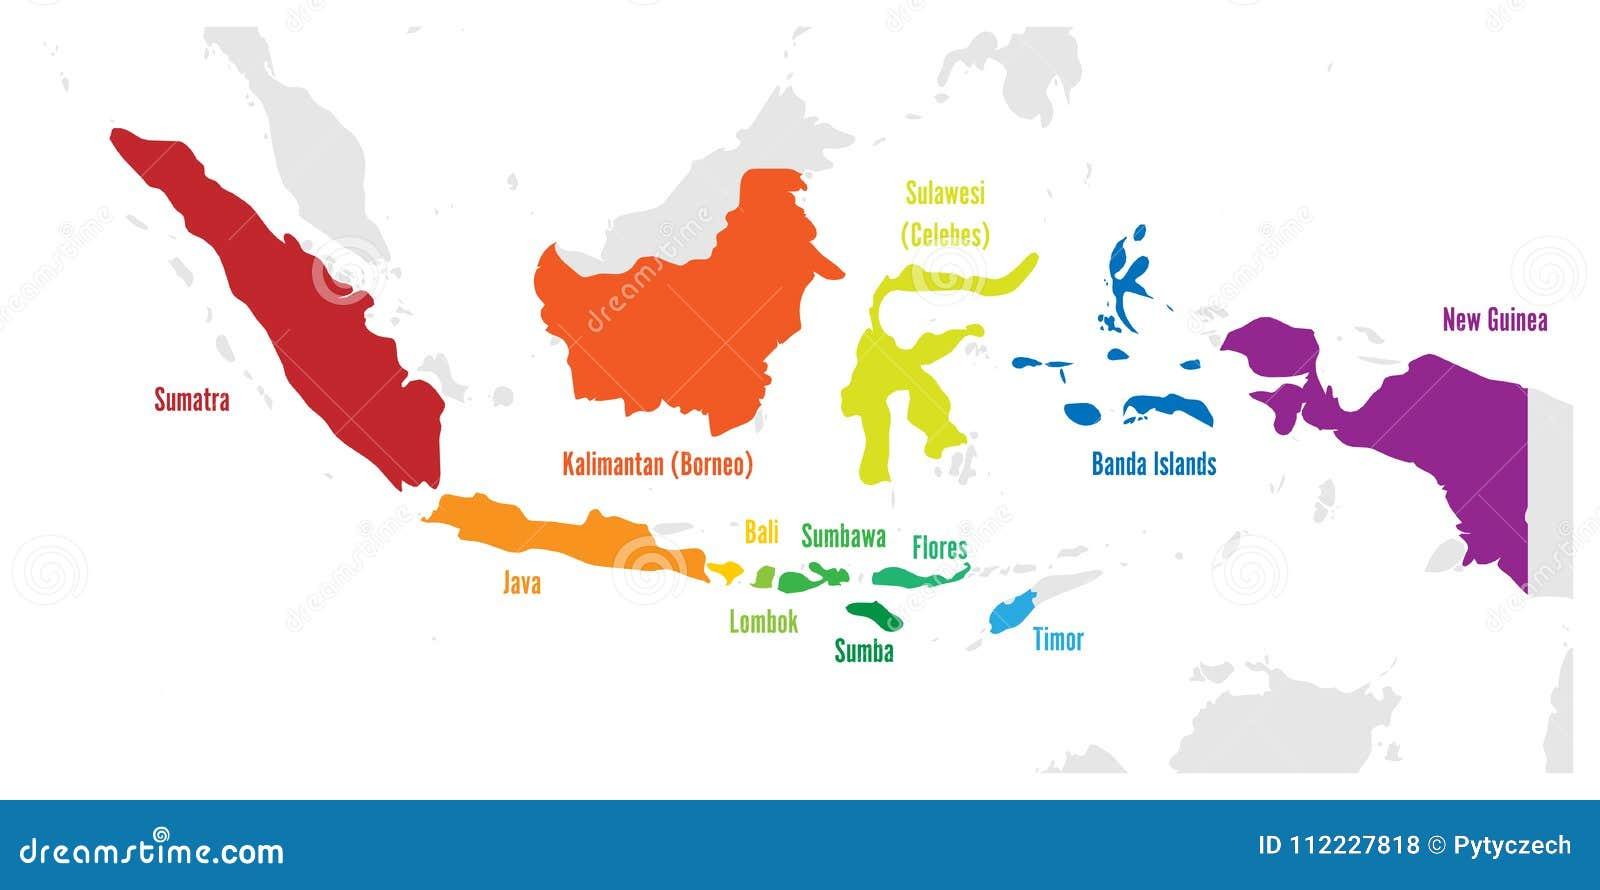 Cartina Indonesia Dettagliata.Isole Principali Dell Indonesia Mappa Di Vettore Con I Nomi Illustrazione Vettoriale Illustrazione Di Indonesia Indonesiano 112227818